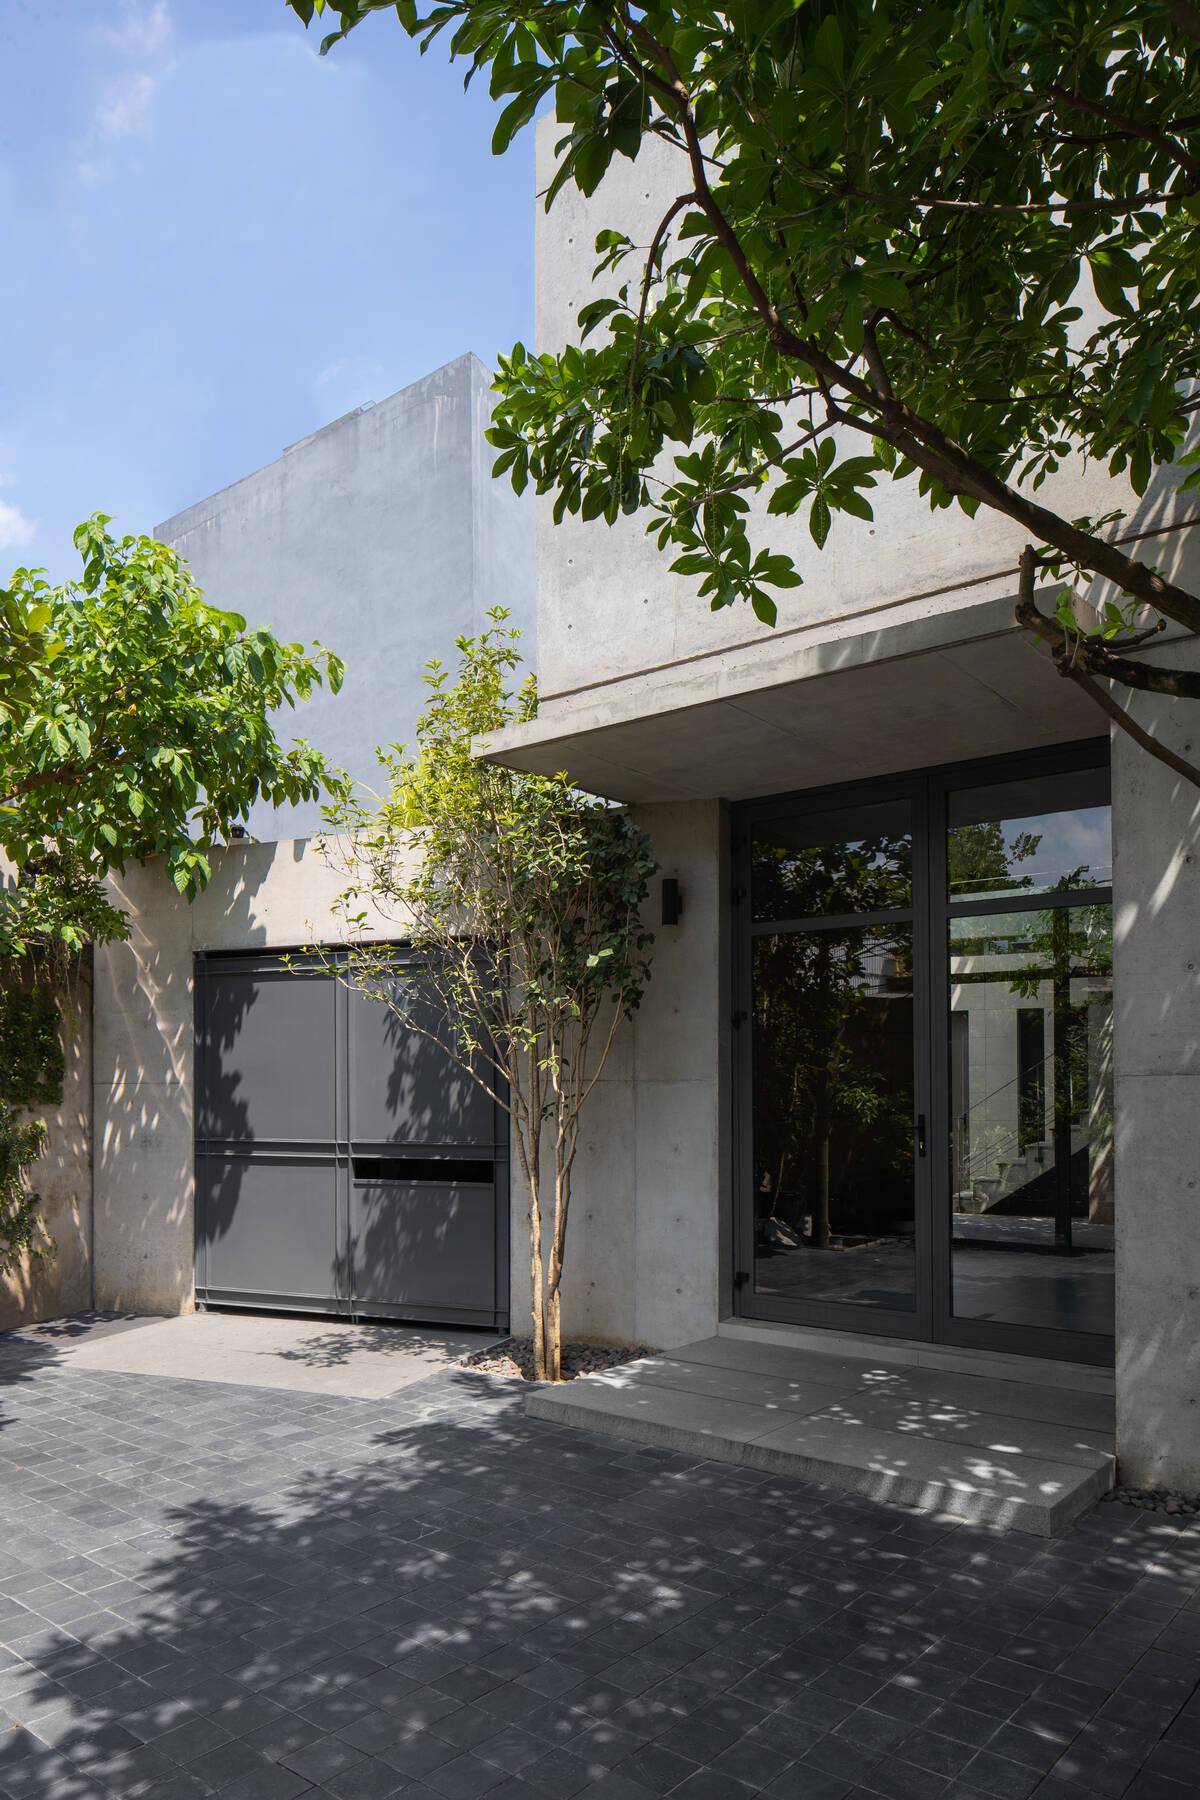 Sân trước nhà cùng cây xanh giúp gia tăng bầu không khí mát mẻ cho không gian sống bên trong